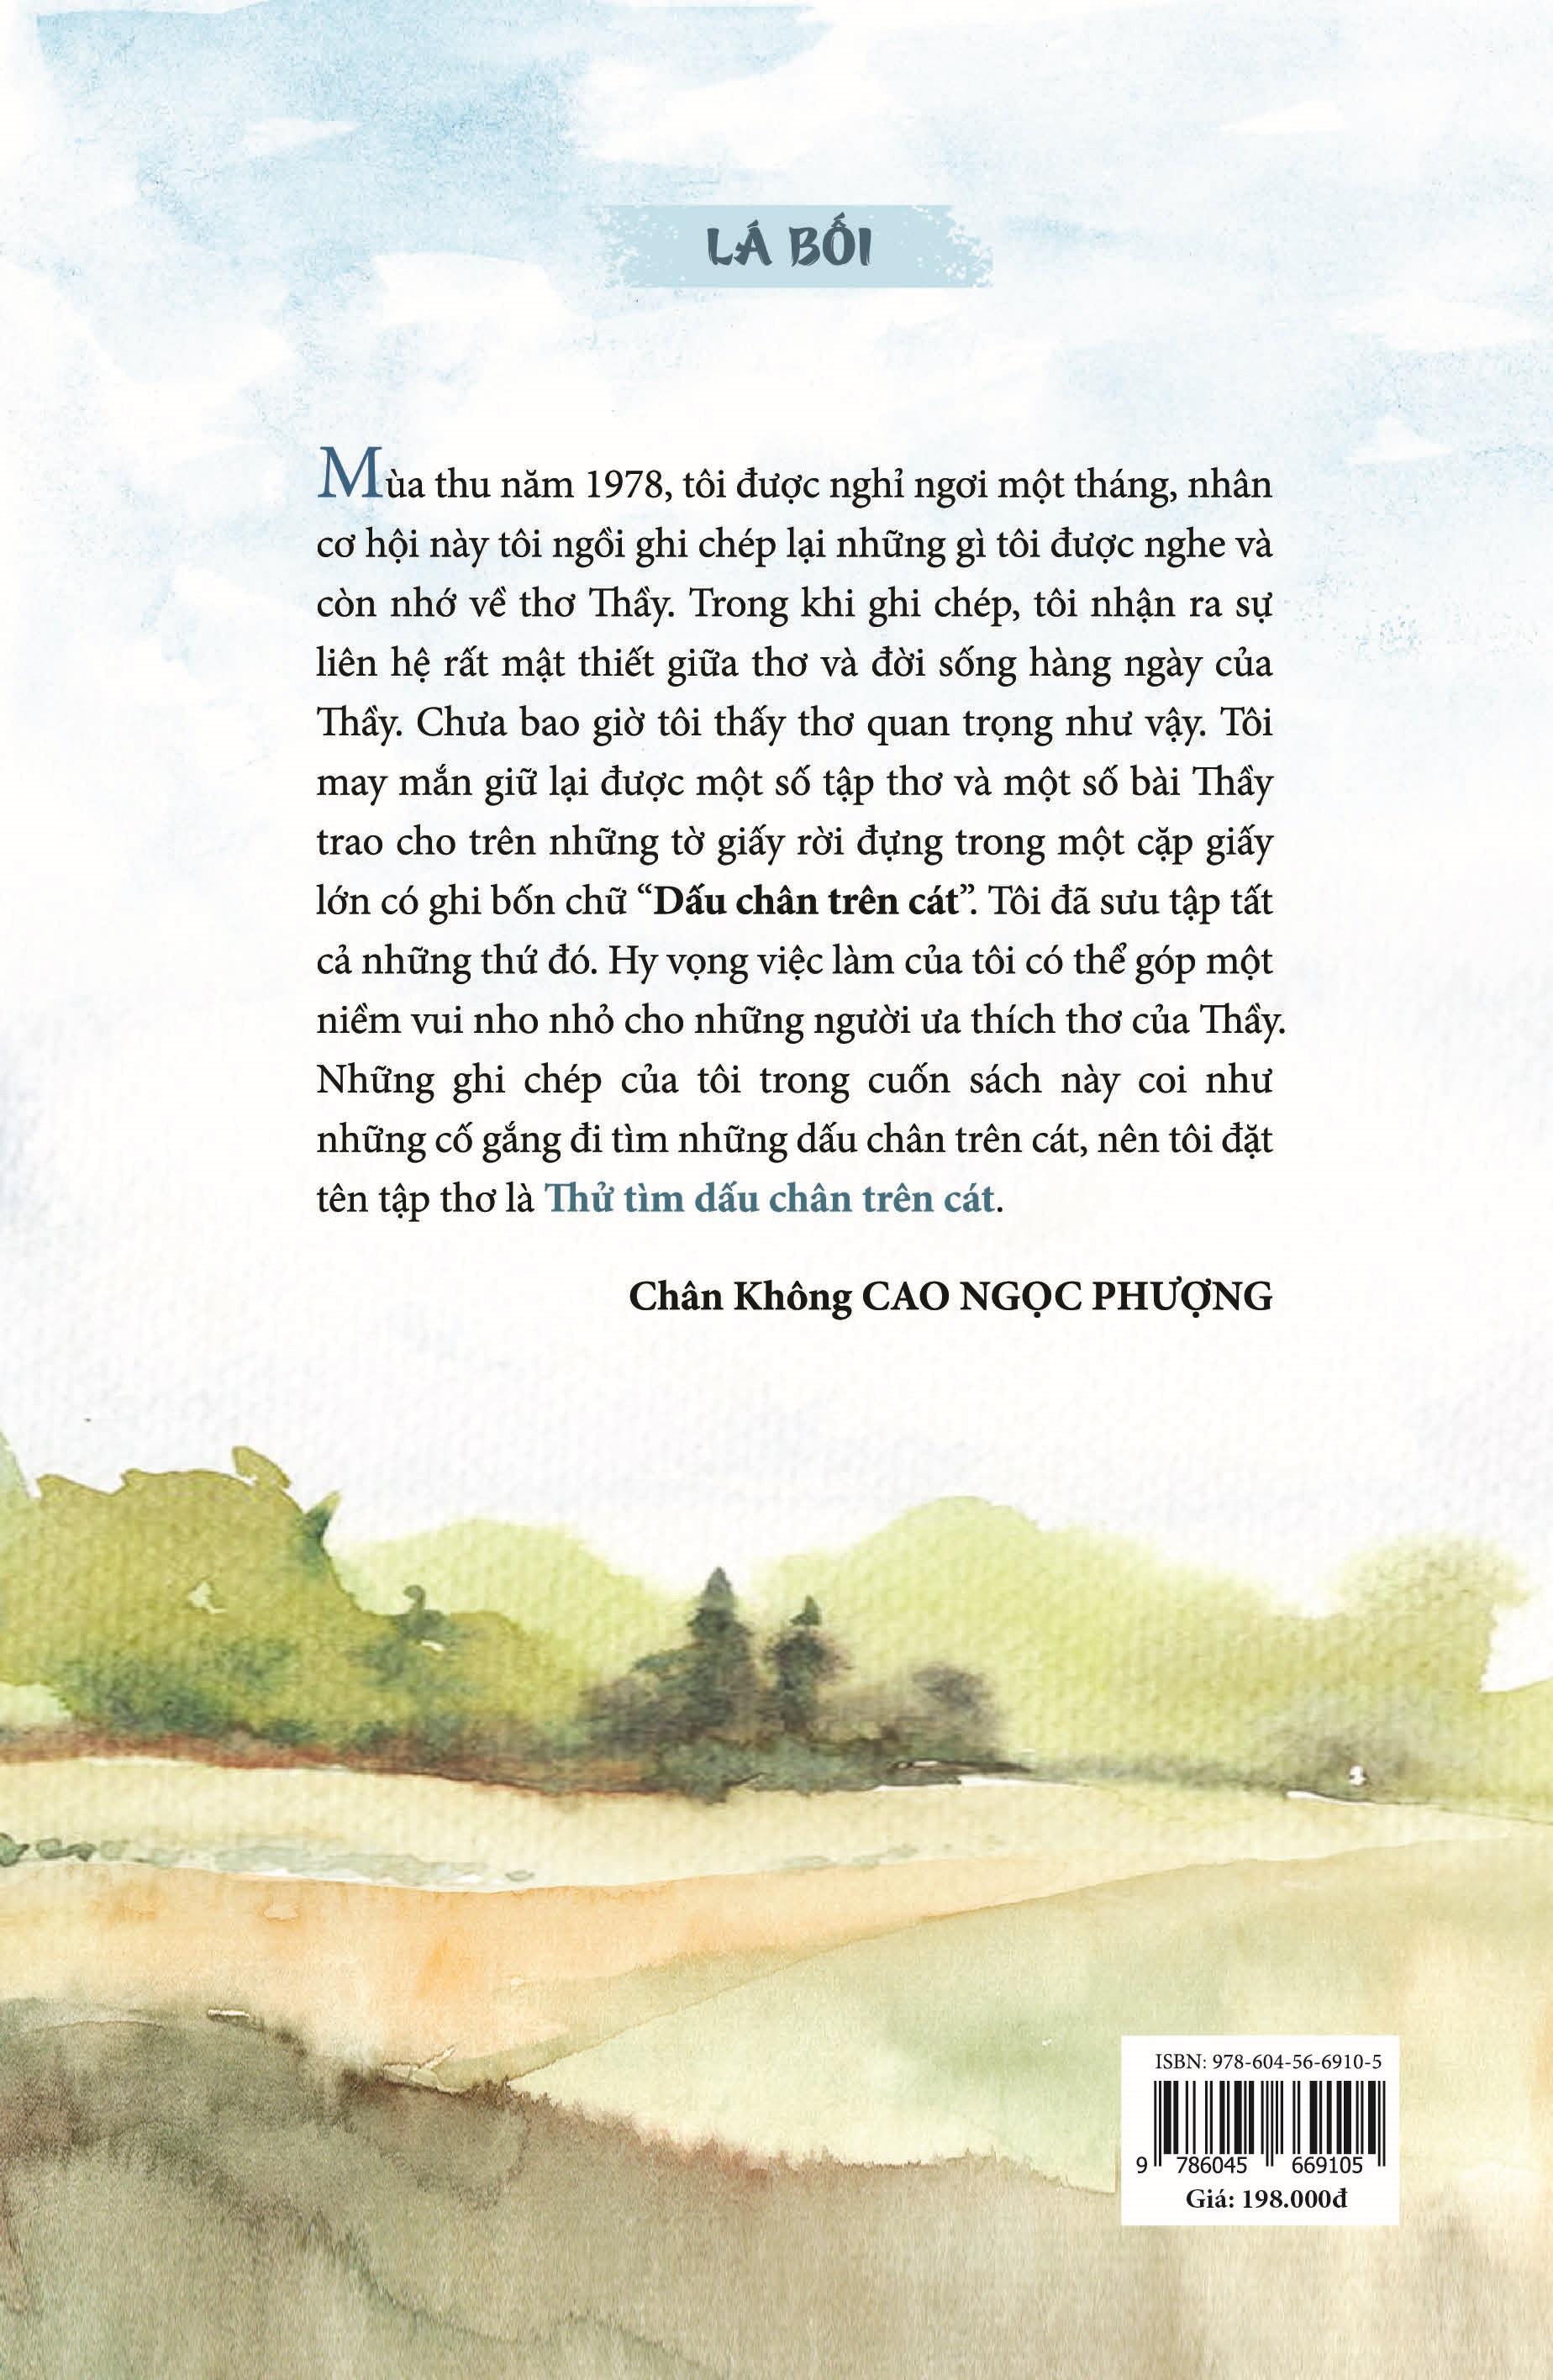 Thử tìm dấu chân trên cát - ghi chép về thơ thầy Nhất Hạnh